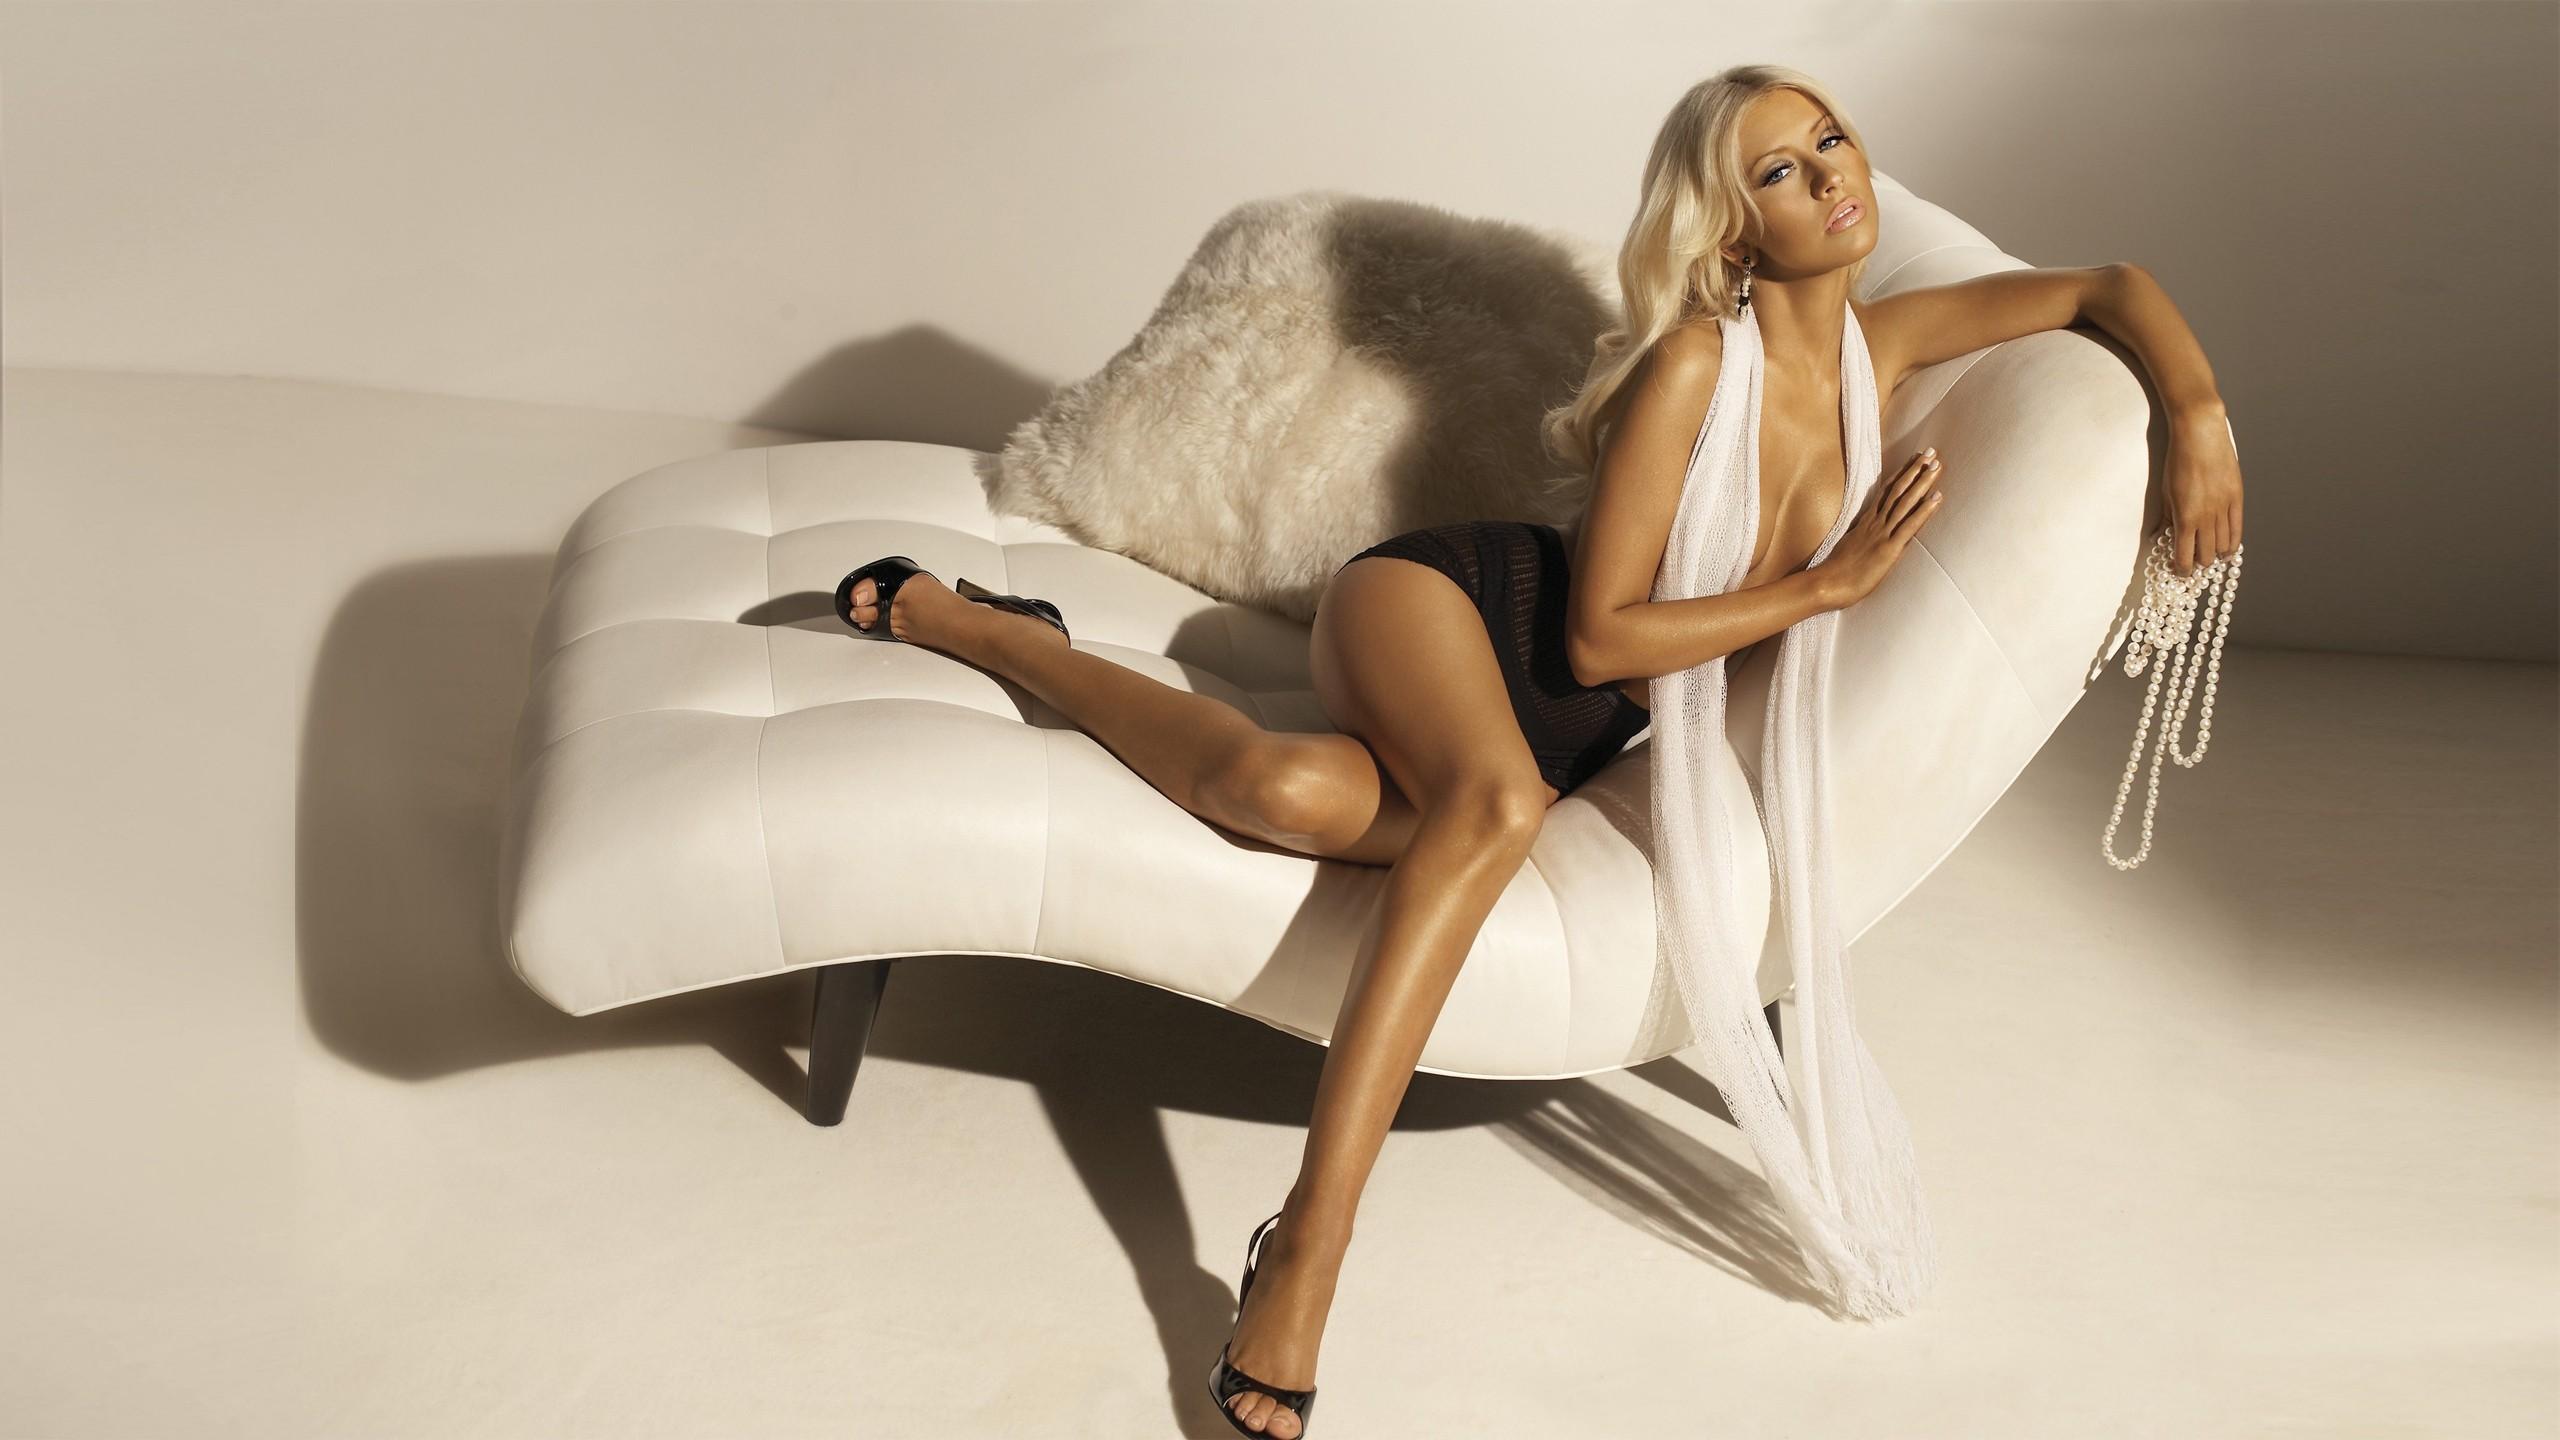 Platinum blonde cleavage